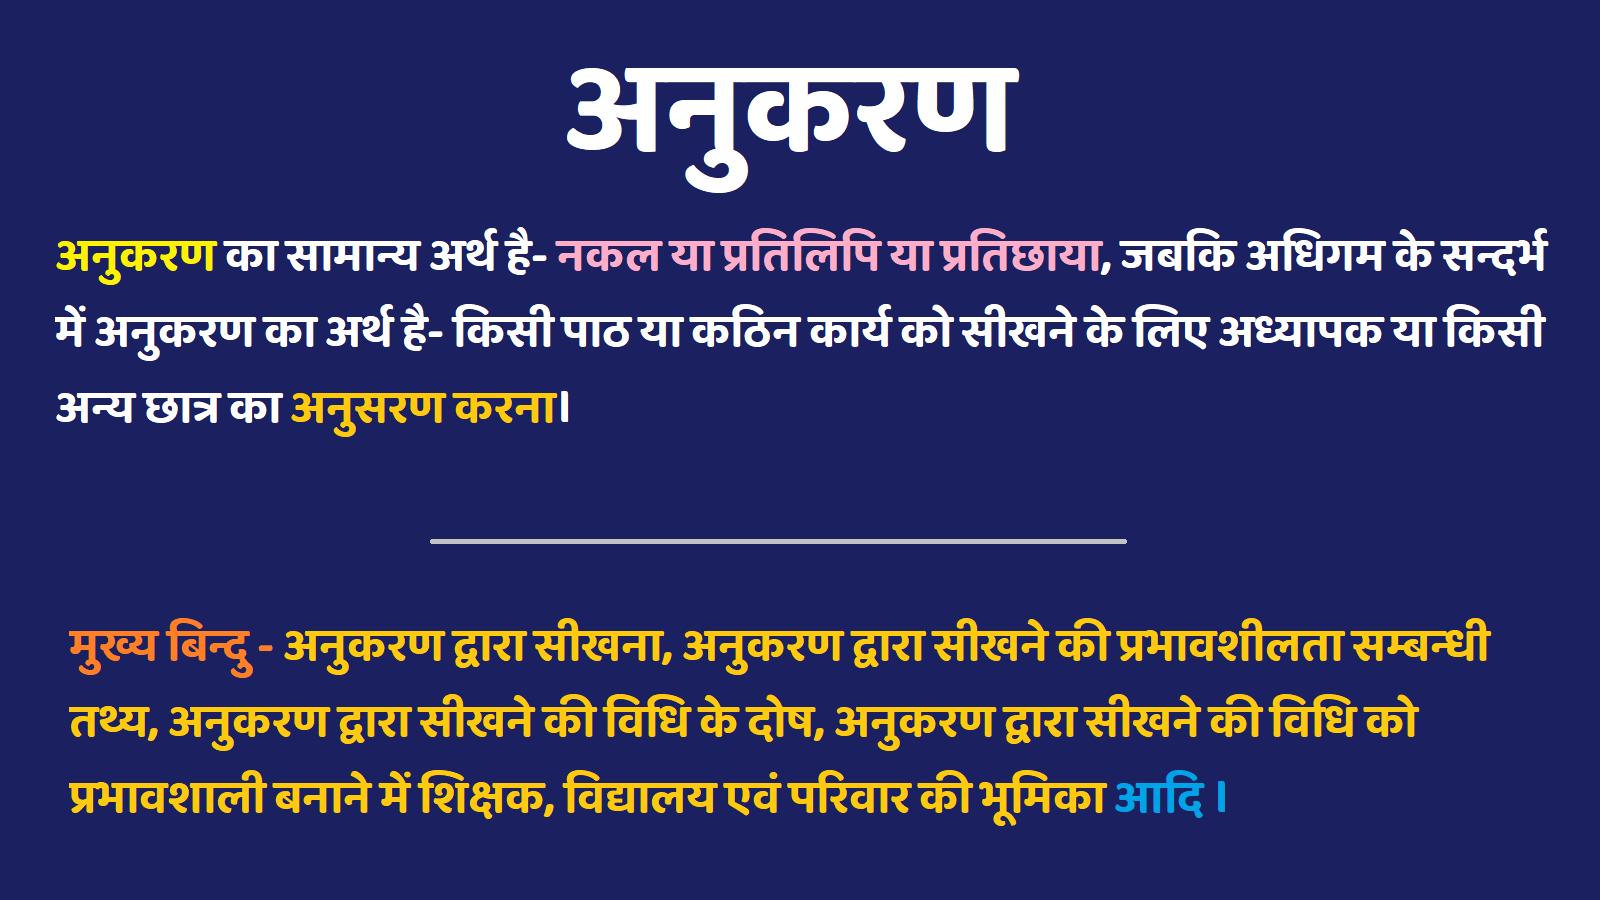 Anukaran - Adhigam Ki Prabhavshali Vidhi